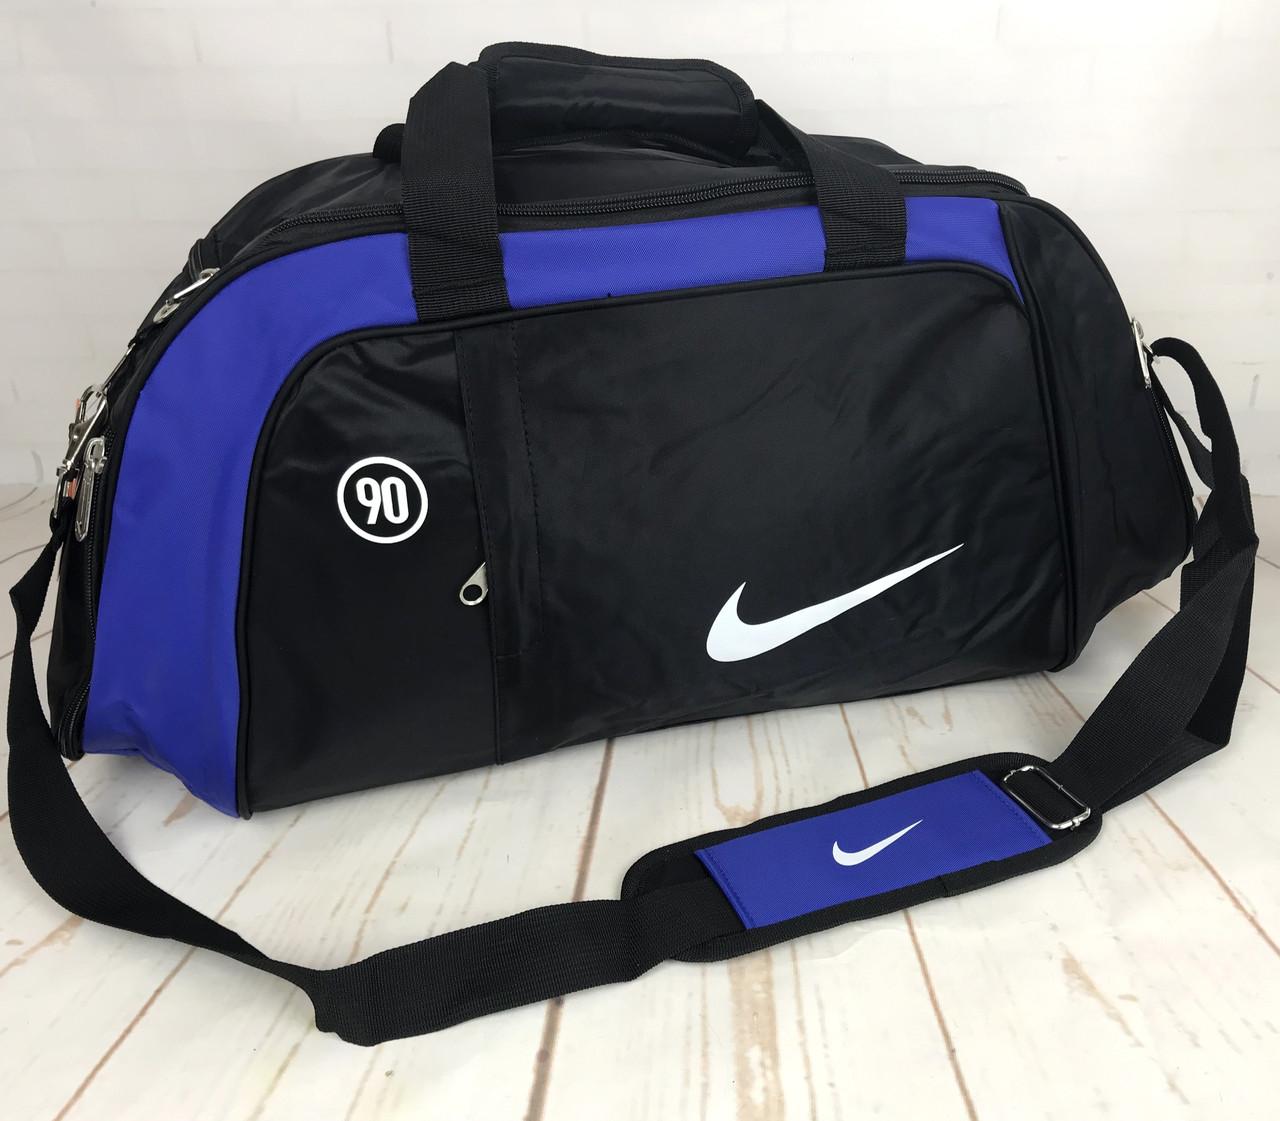 b3c6c57ebdce Спортивная Сумка Nike. Сумка для Тренировок, для Поездок КСС92-1 — в ...